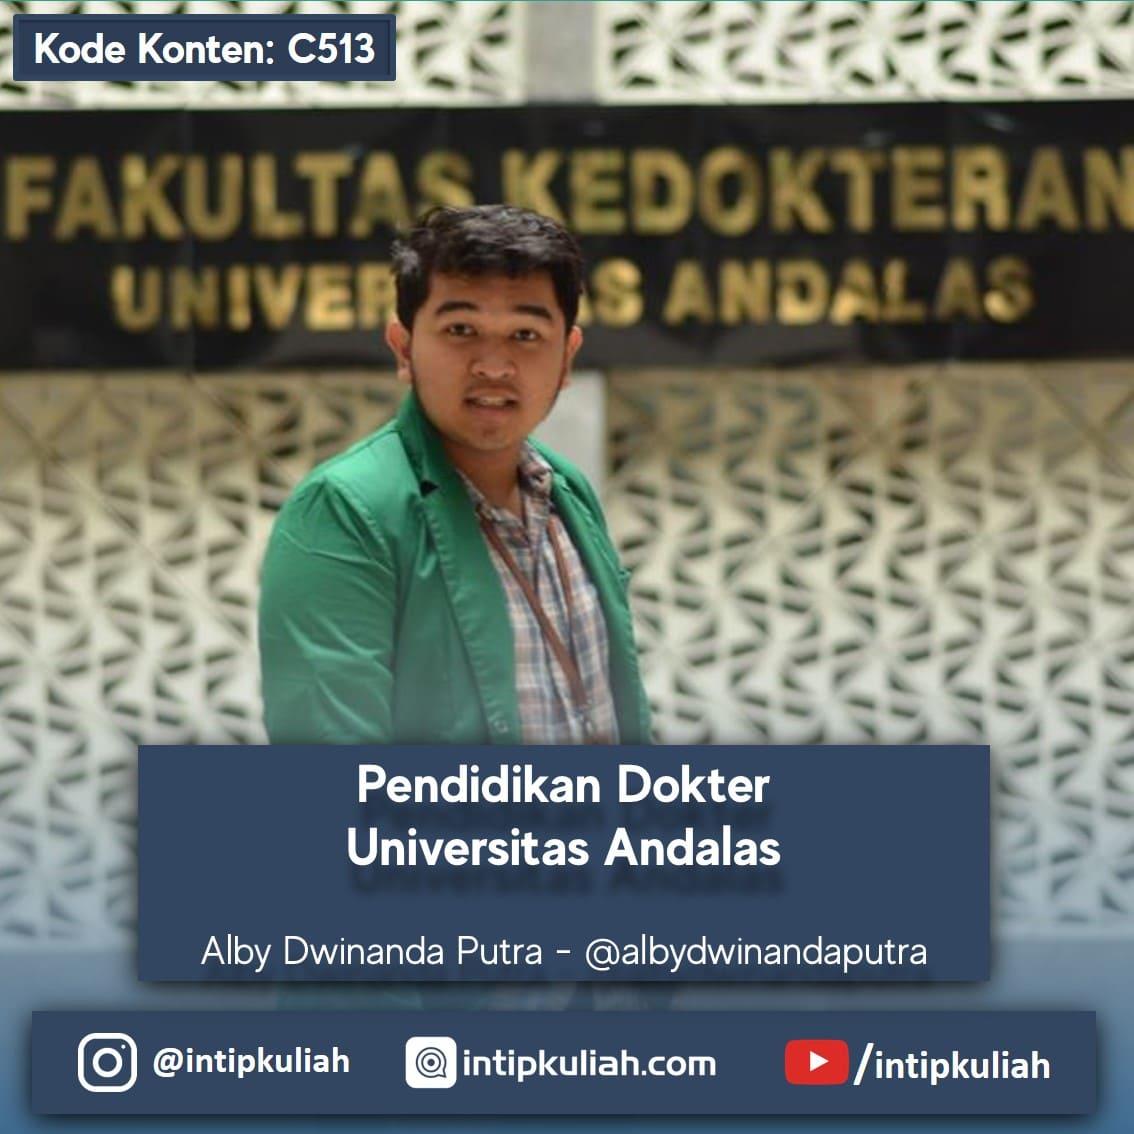 Pendidikan Dokter Universitas Andalas (Alby)